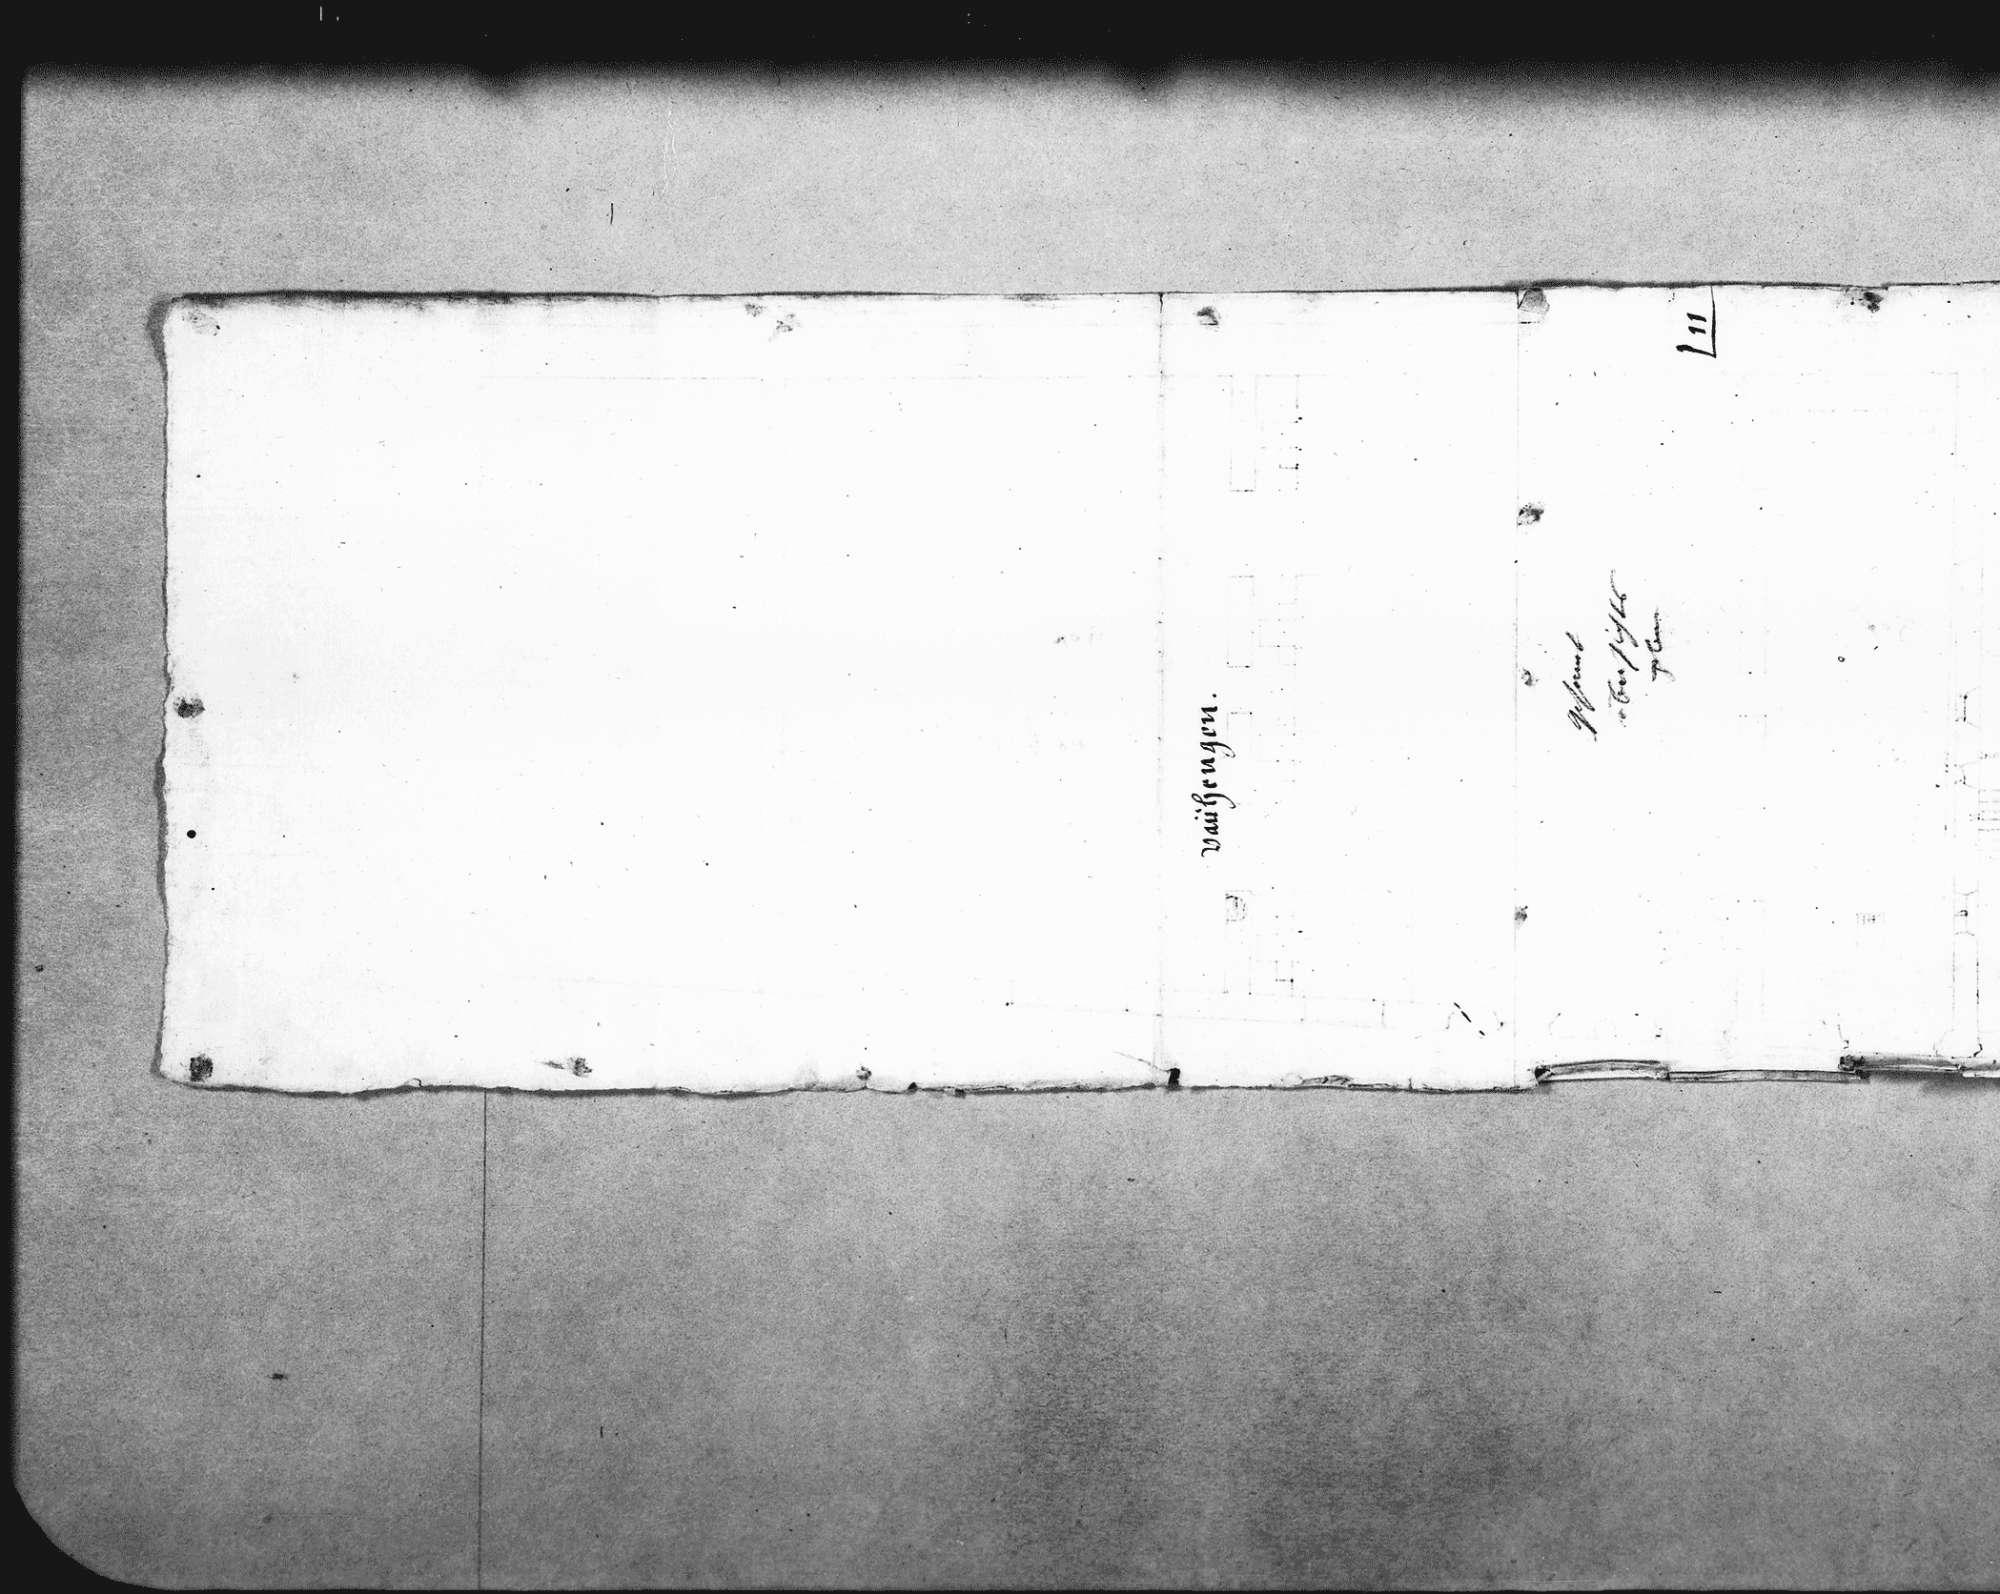 Tintenskizze mit Angabe der Lage und Maße der abgebrannten wiederaufzubauenden Gebäude (18 x 56 cm), Erläuterungen dazu (Folio), Bild 2